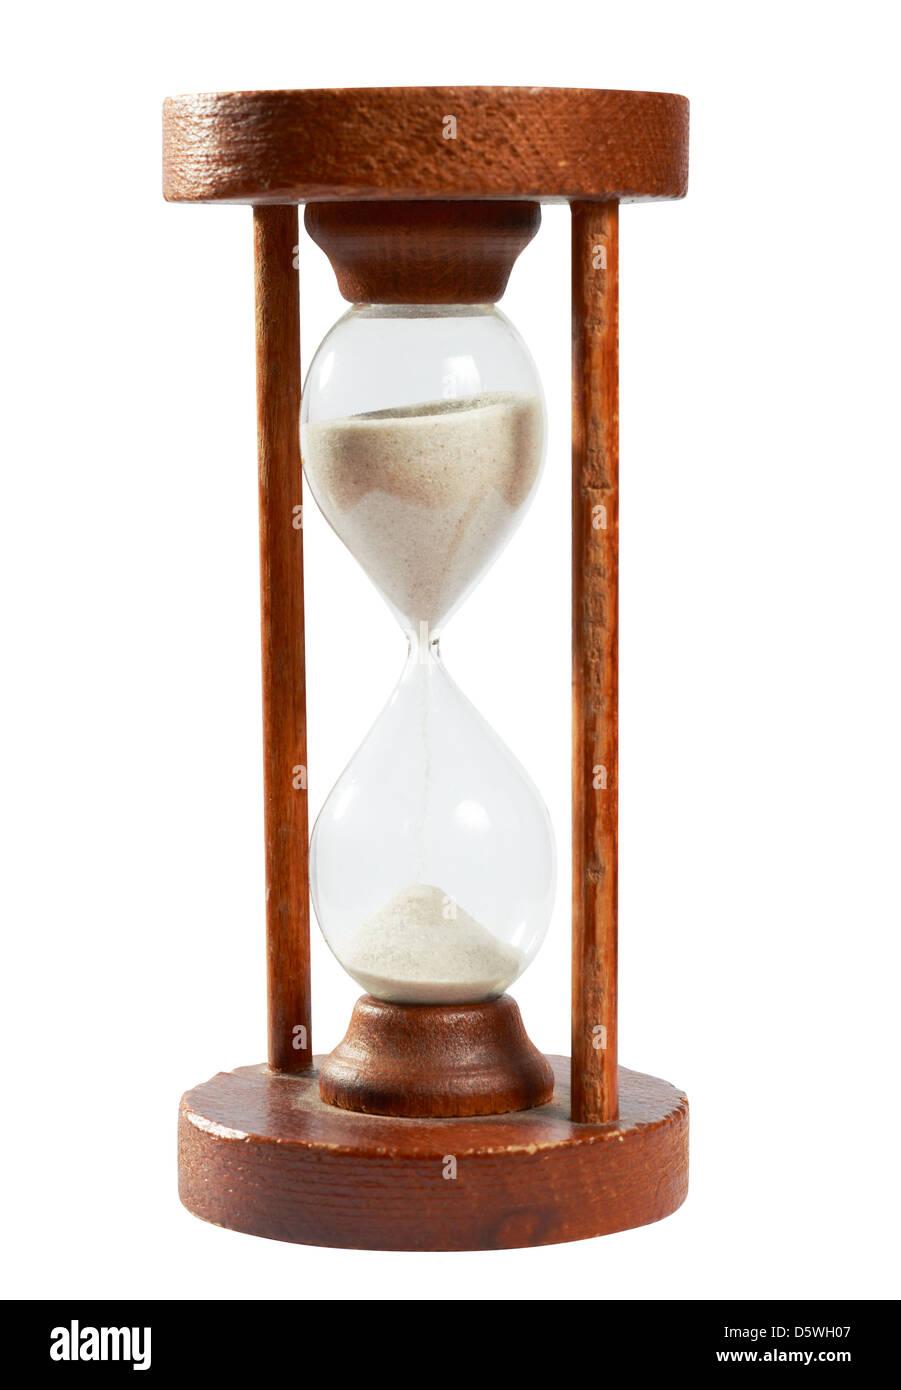 Sablier ancien, le sable des temps minuterie pour mesurer le temps, isolé sur blanc avec chemin de détourage Photo Stock